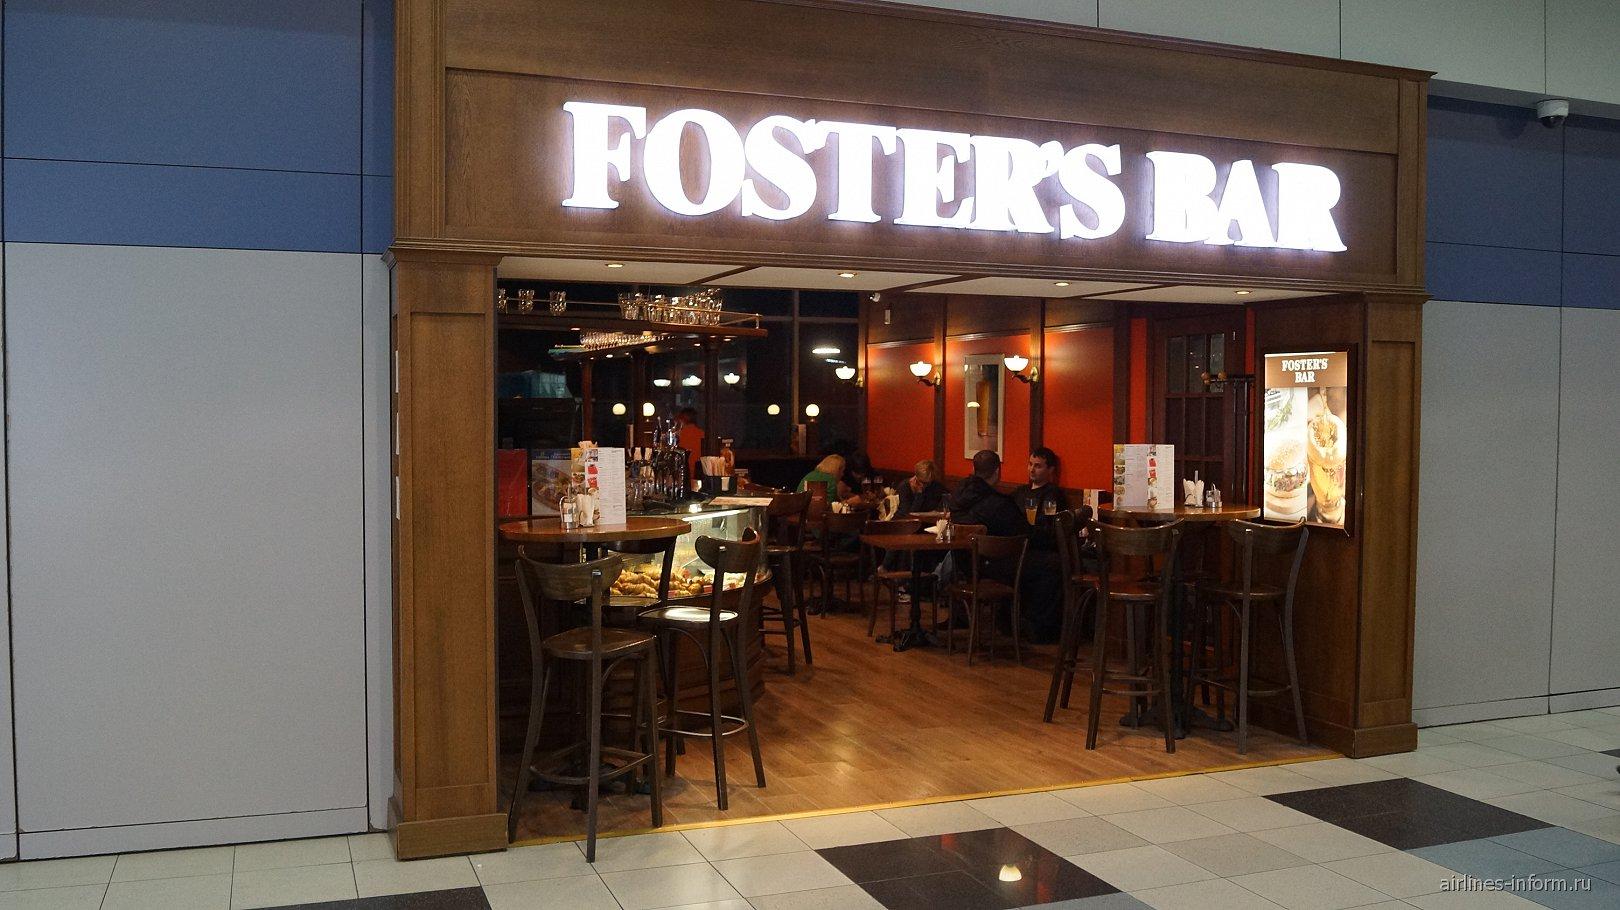 Foster's Bar в чистой зоне международных вылетов аэропорта Домодедово